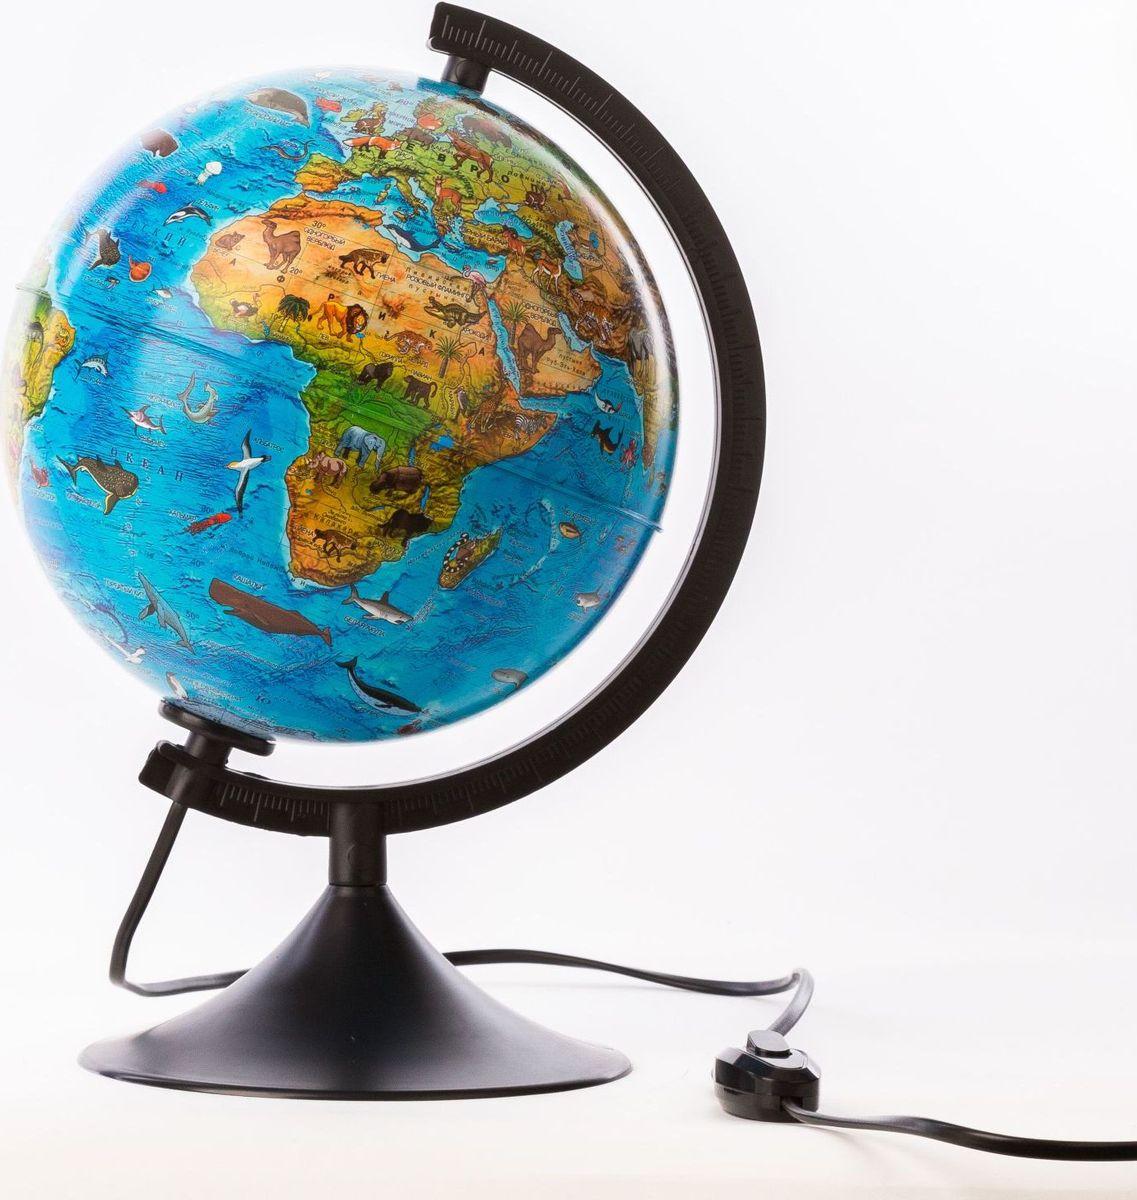 Глобен Глобус зоогеографический Детский Классик с подсветкой диаметр 21 см